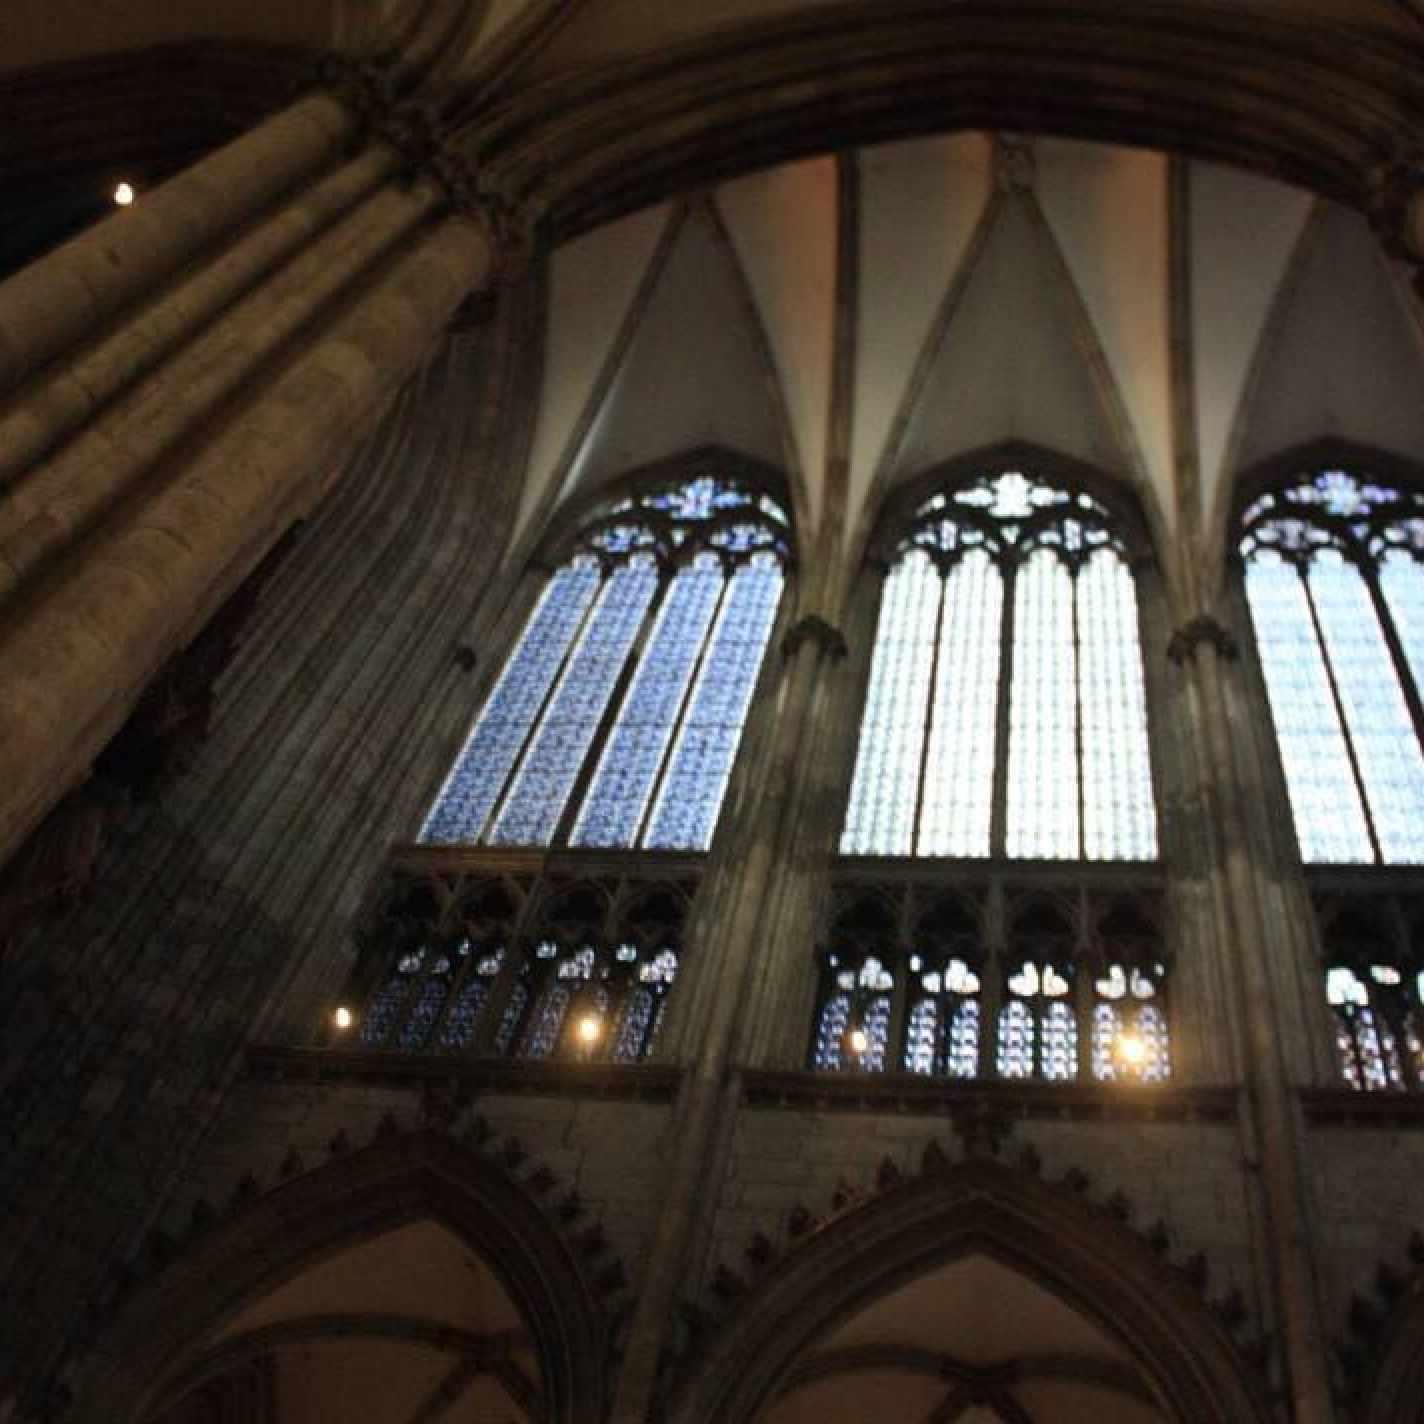 Arquitectura gótica. Parades laterales no estructurales. Grandes ventanales